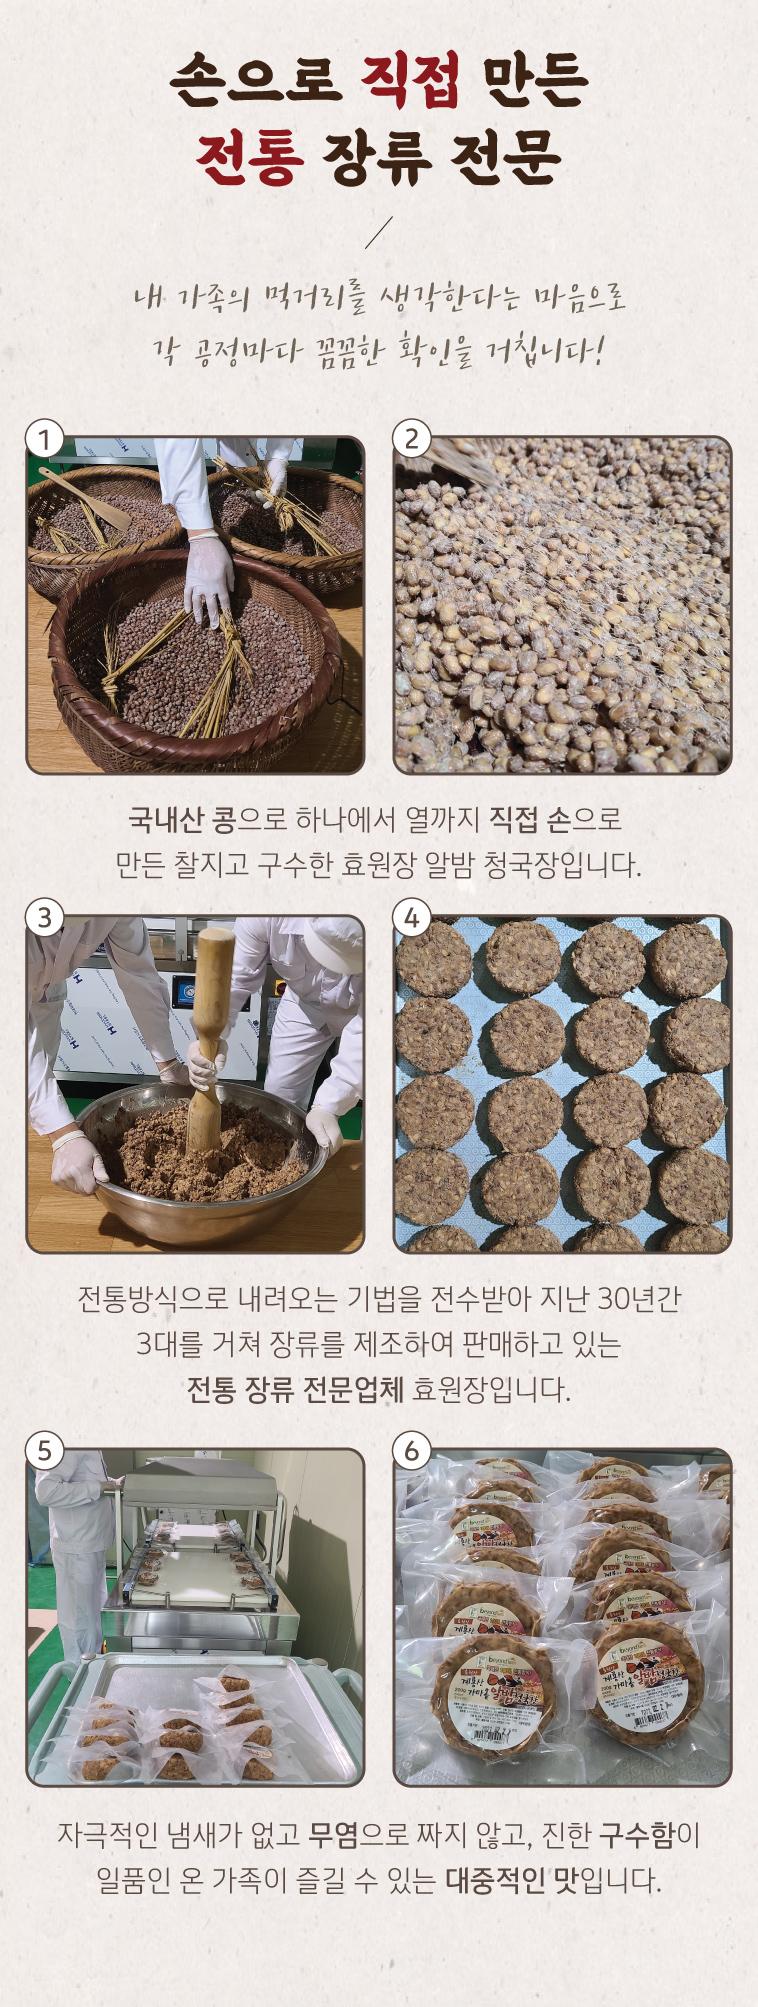 공주밤-청국장_상세페이지_05.jpg